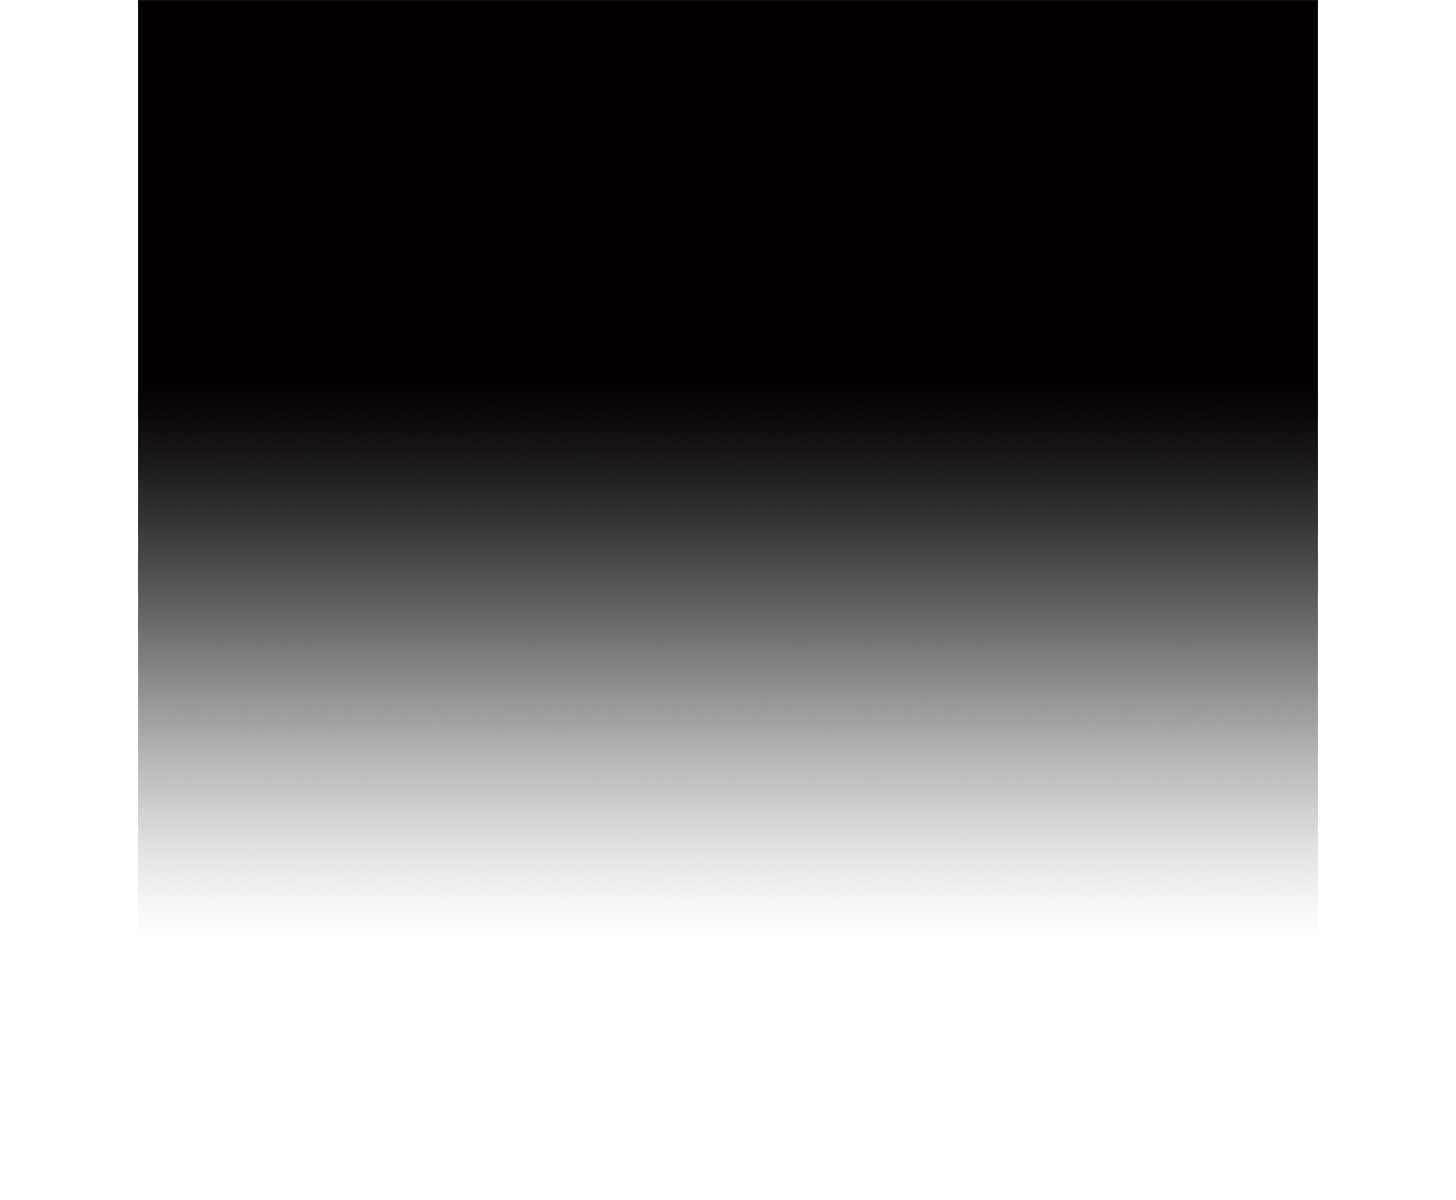 黒(透明度100%:位置80%)→黒(透明度0%:位置30%)のグラデーション設定